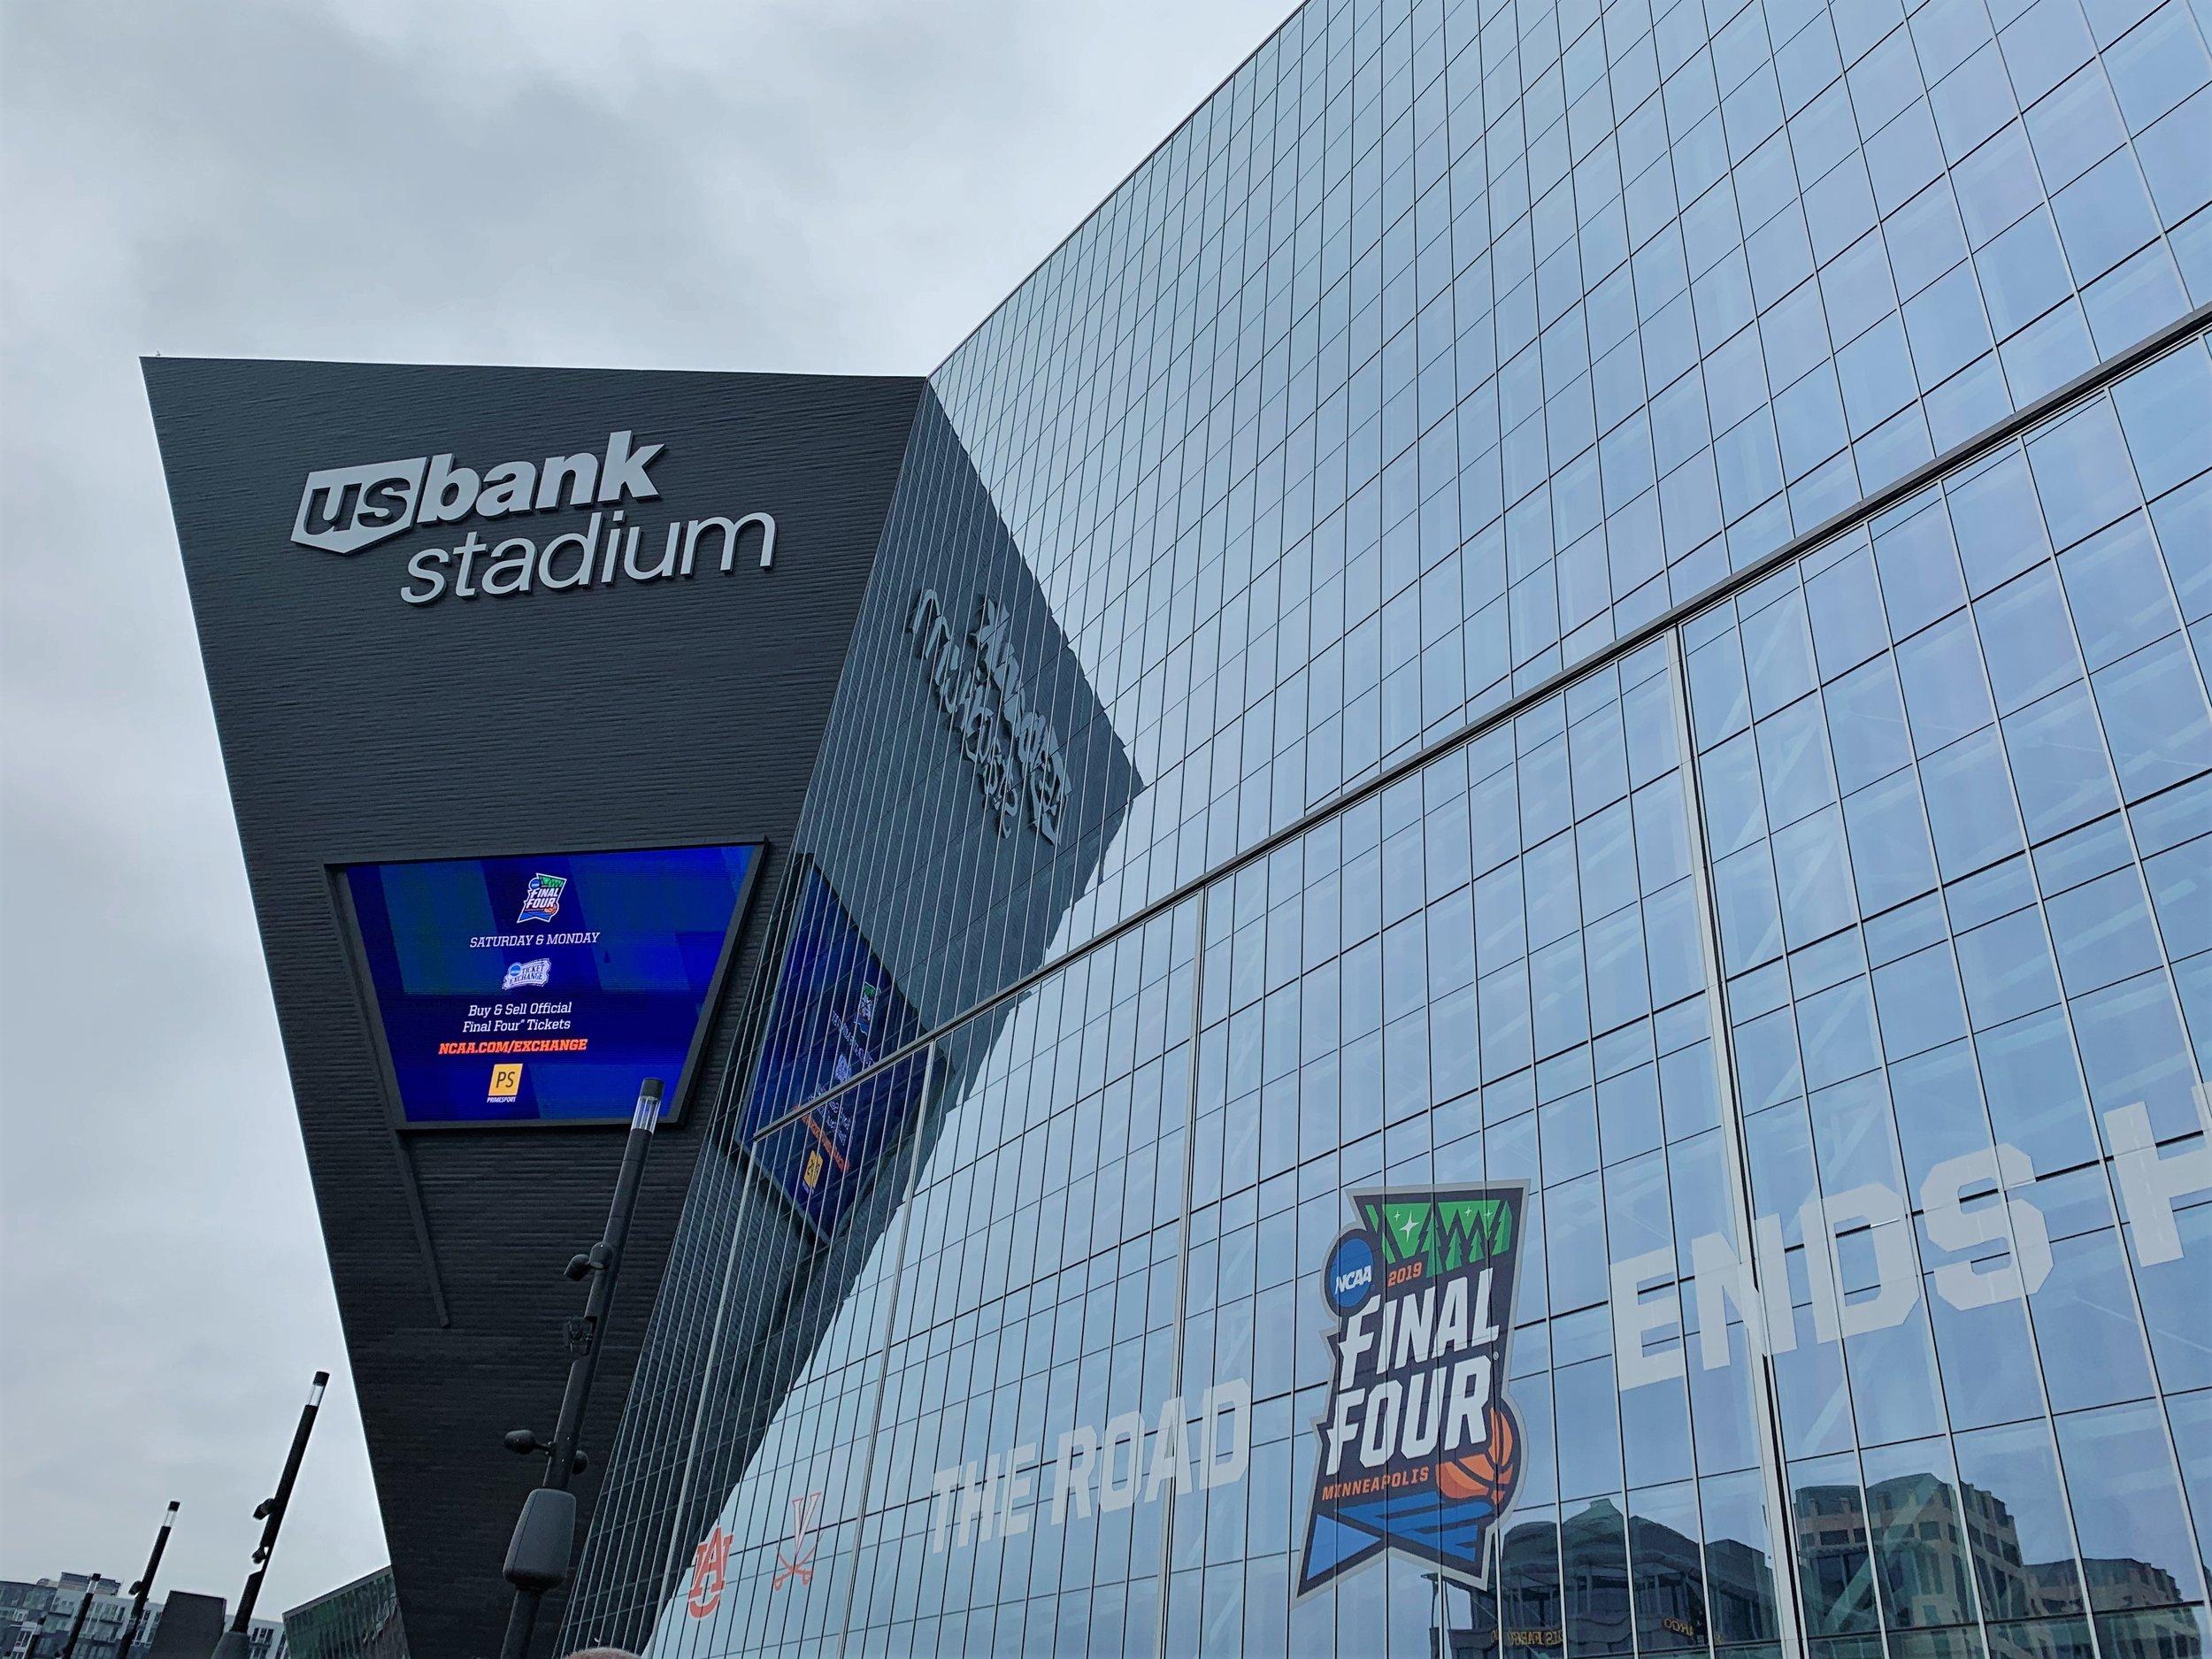 US Bank Stadium Outside Entrance.jpg